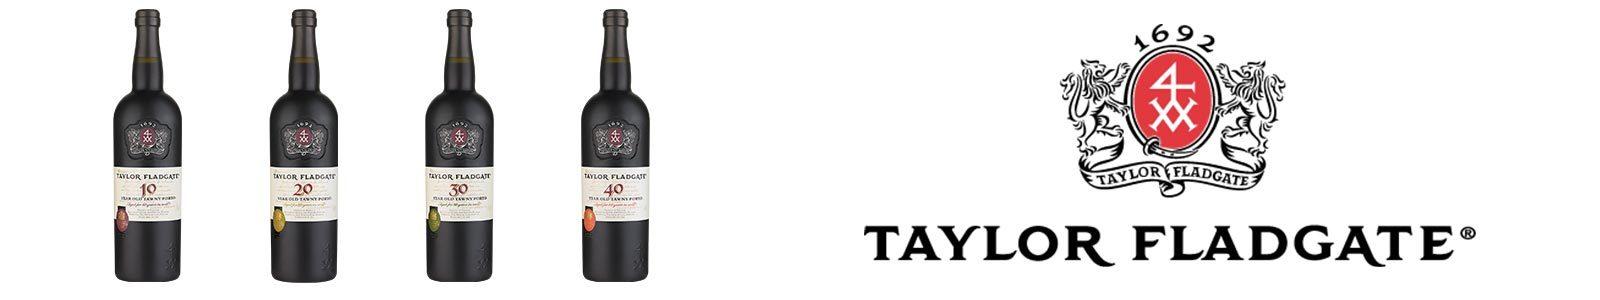 Taylor Fladgate Aged Tawny Port wine bottles